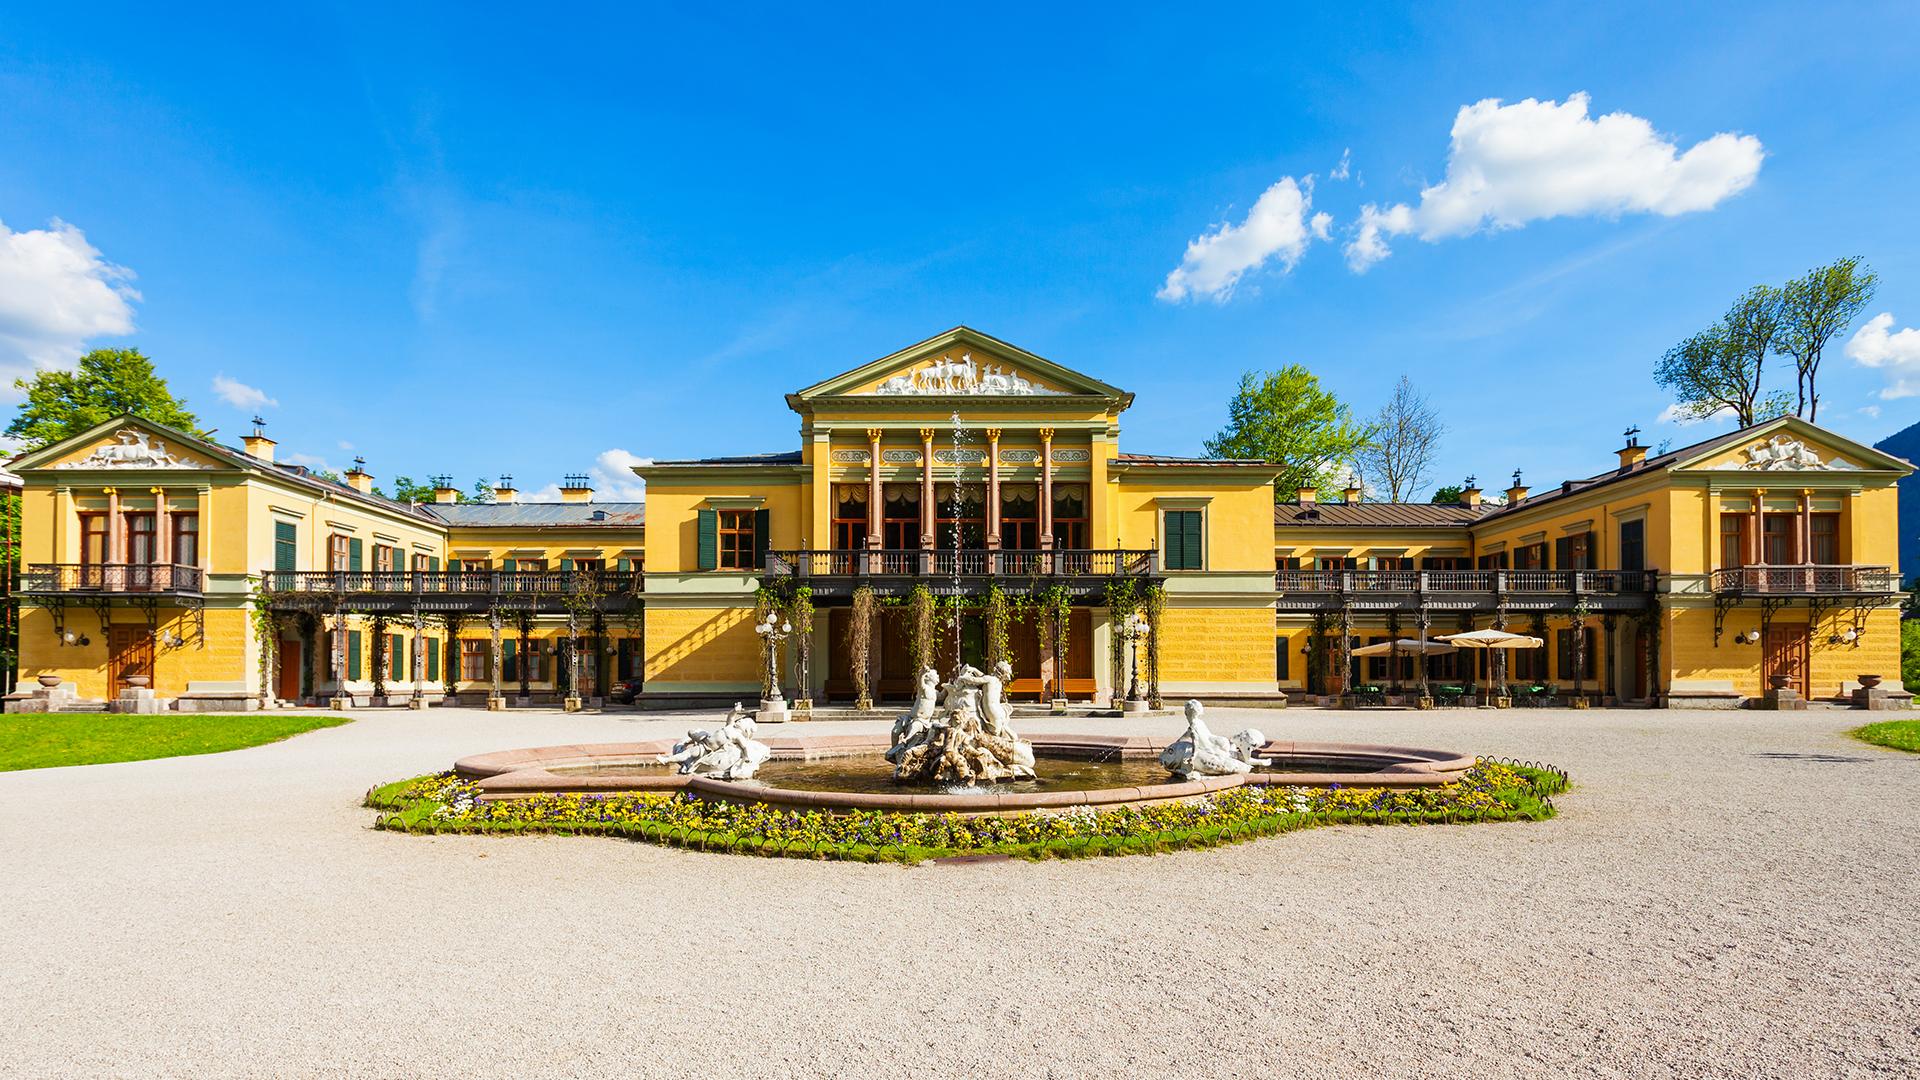 1_Österreich_BadIschl_Kaiservilla_16_9_c_Shutterstock